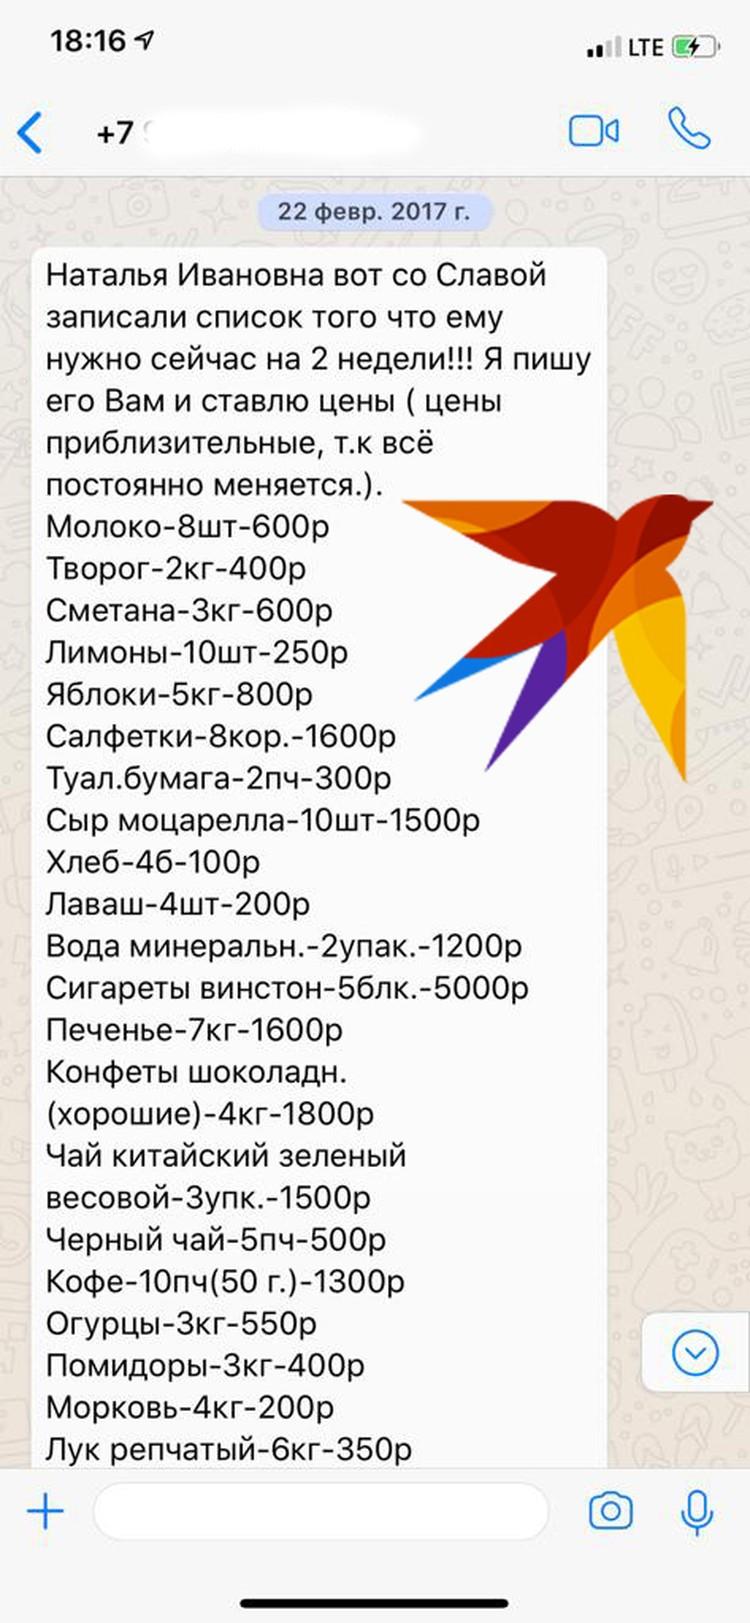 Список продуктов для Цеповяза. Его присылал родне заключенного один мужчина